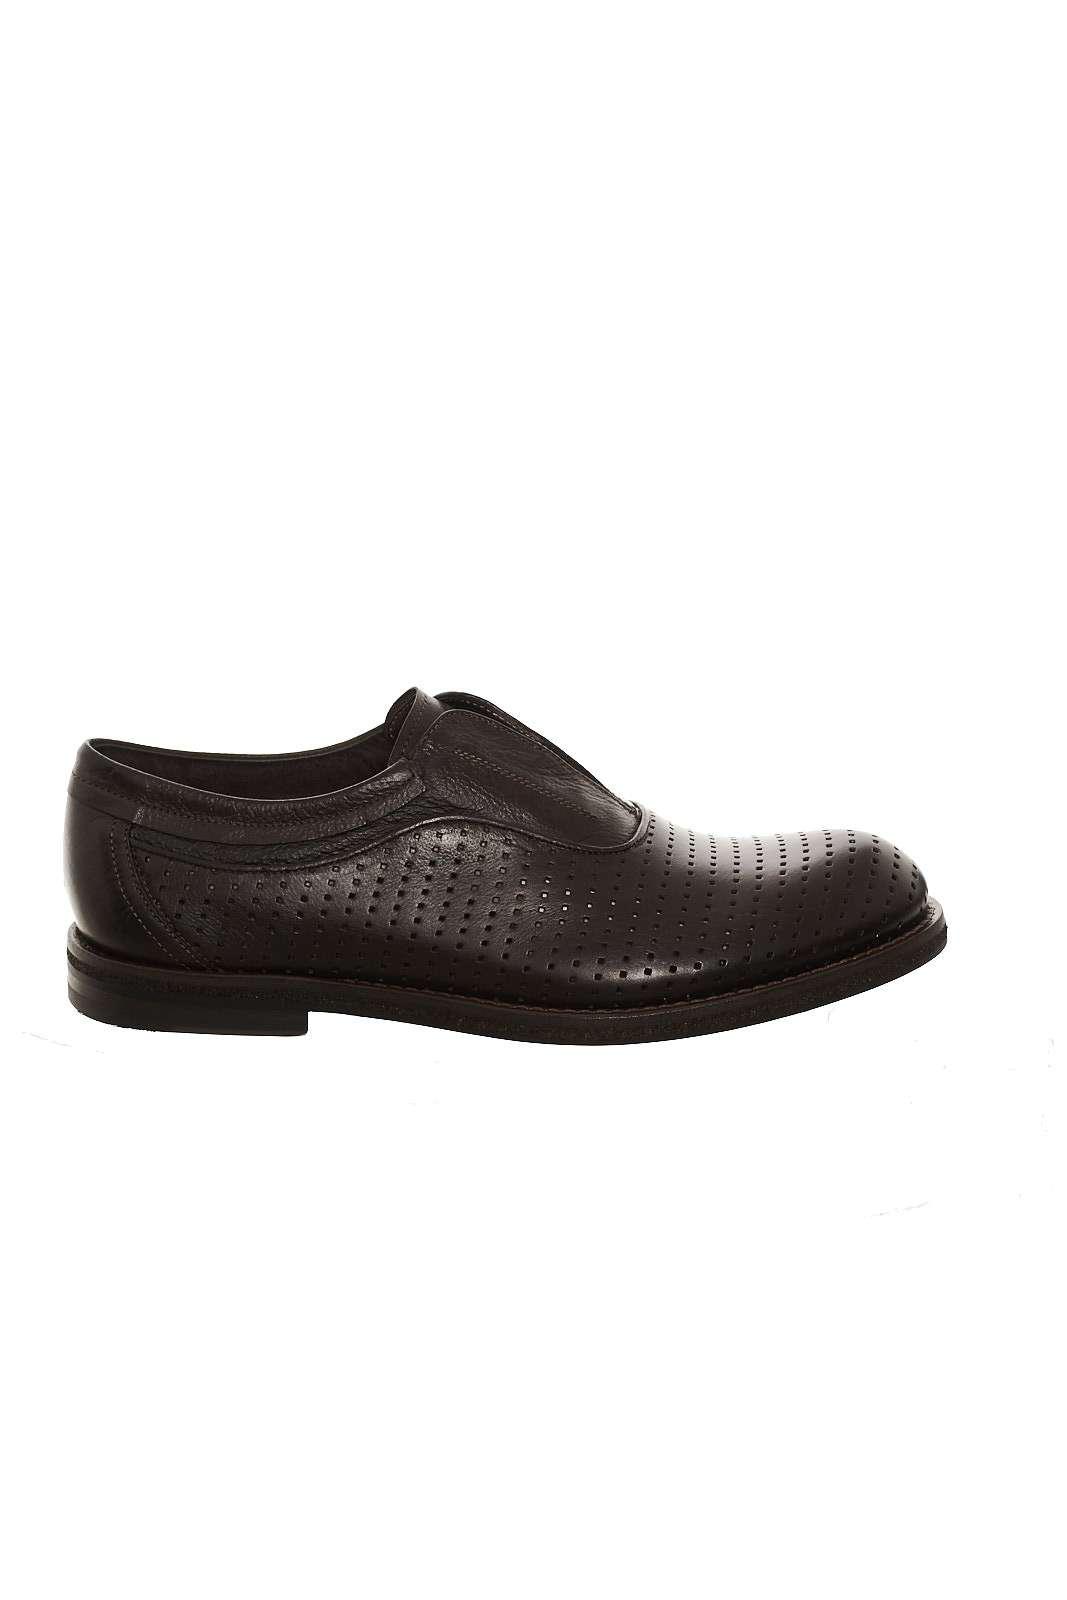 Una scarpa dall'indiscussa eleganza quelle firmate Corvari. Tutta la qualità del made in Italy per queste scarpe dai tratti caratteristici. La tomaia in pelle con lavorazione laser impreziosisce ogni outfit.